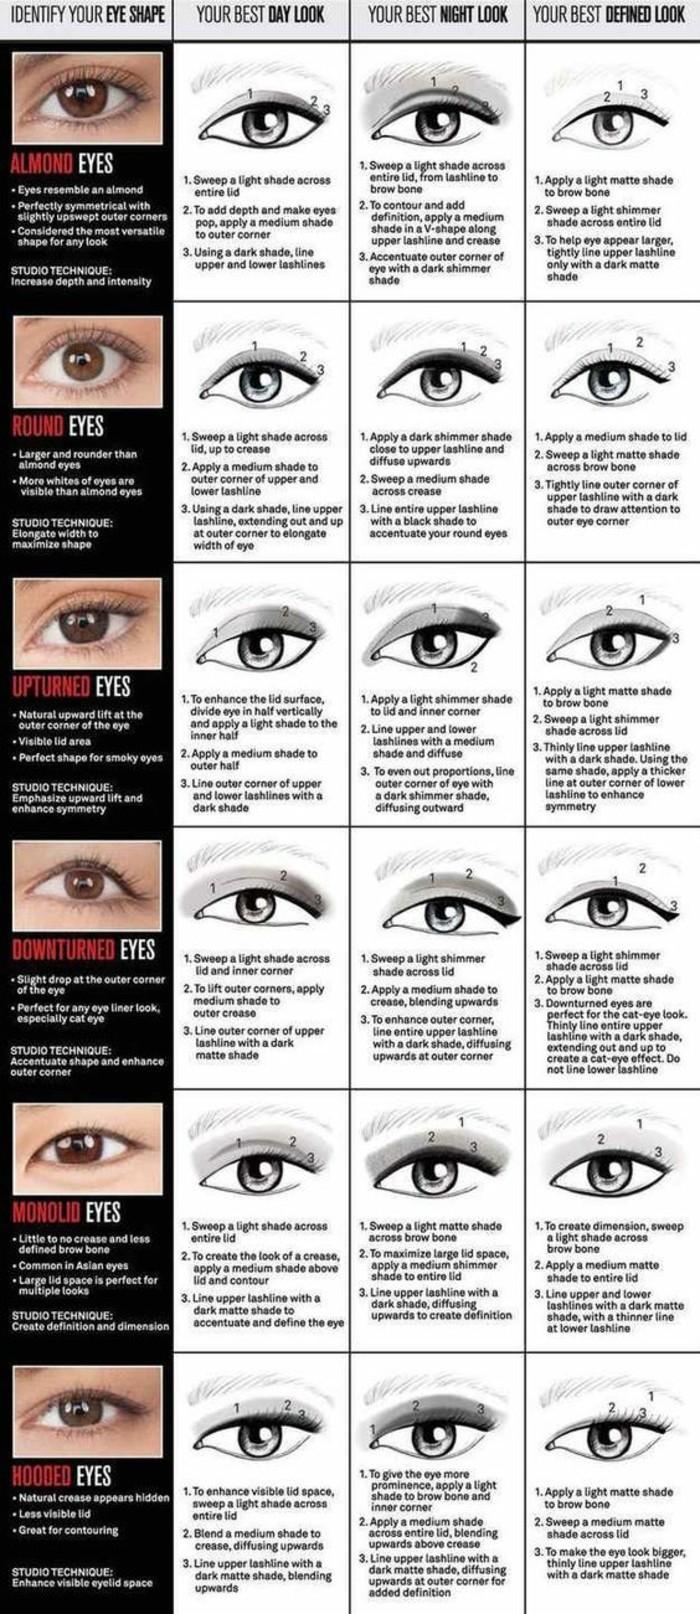 00-utile-conseil-leçon-de-maquillage-maquillage-paupiere-selon-le-type-de-vos-yeux